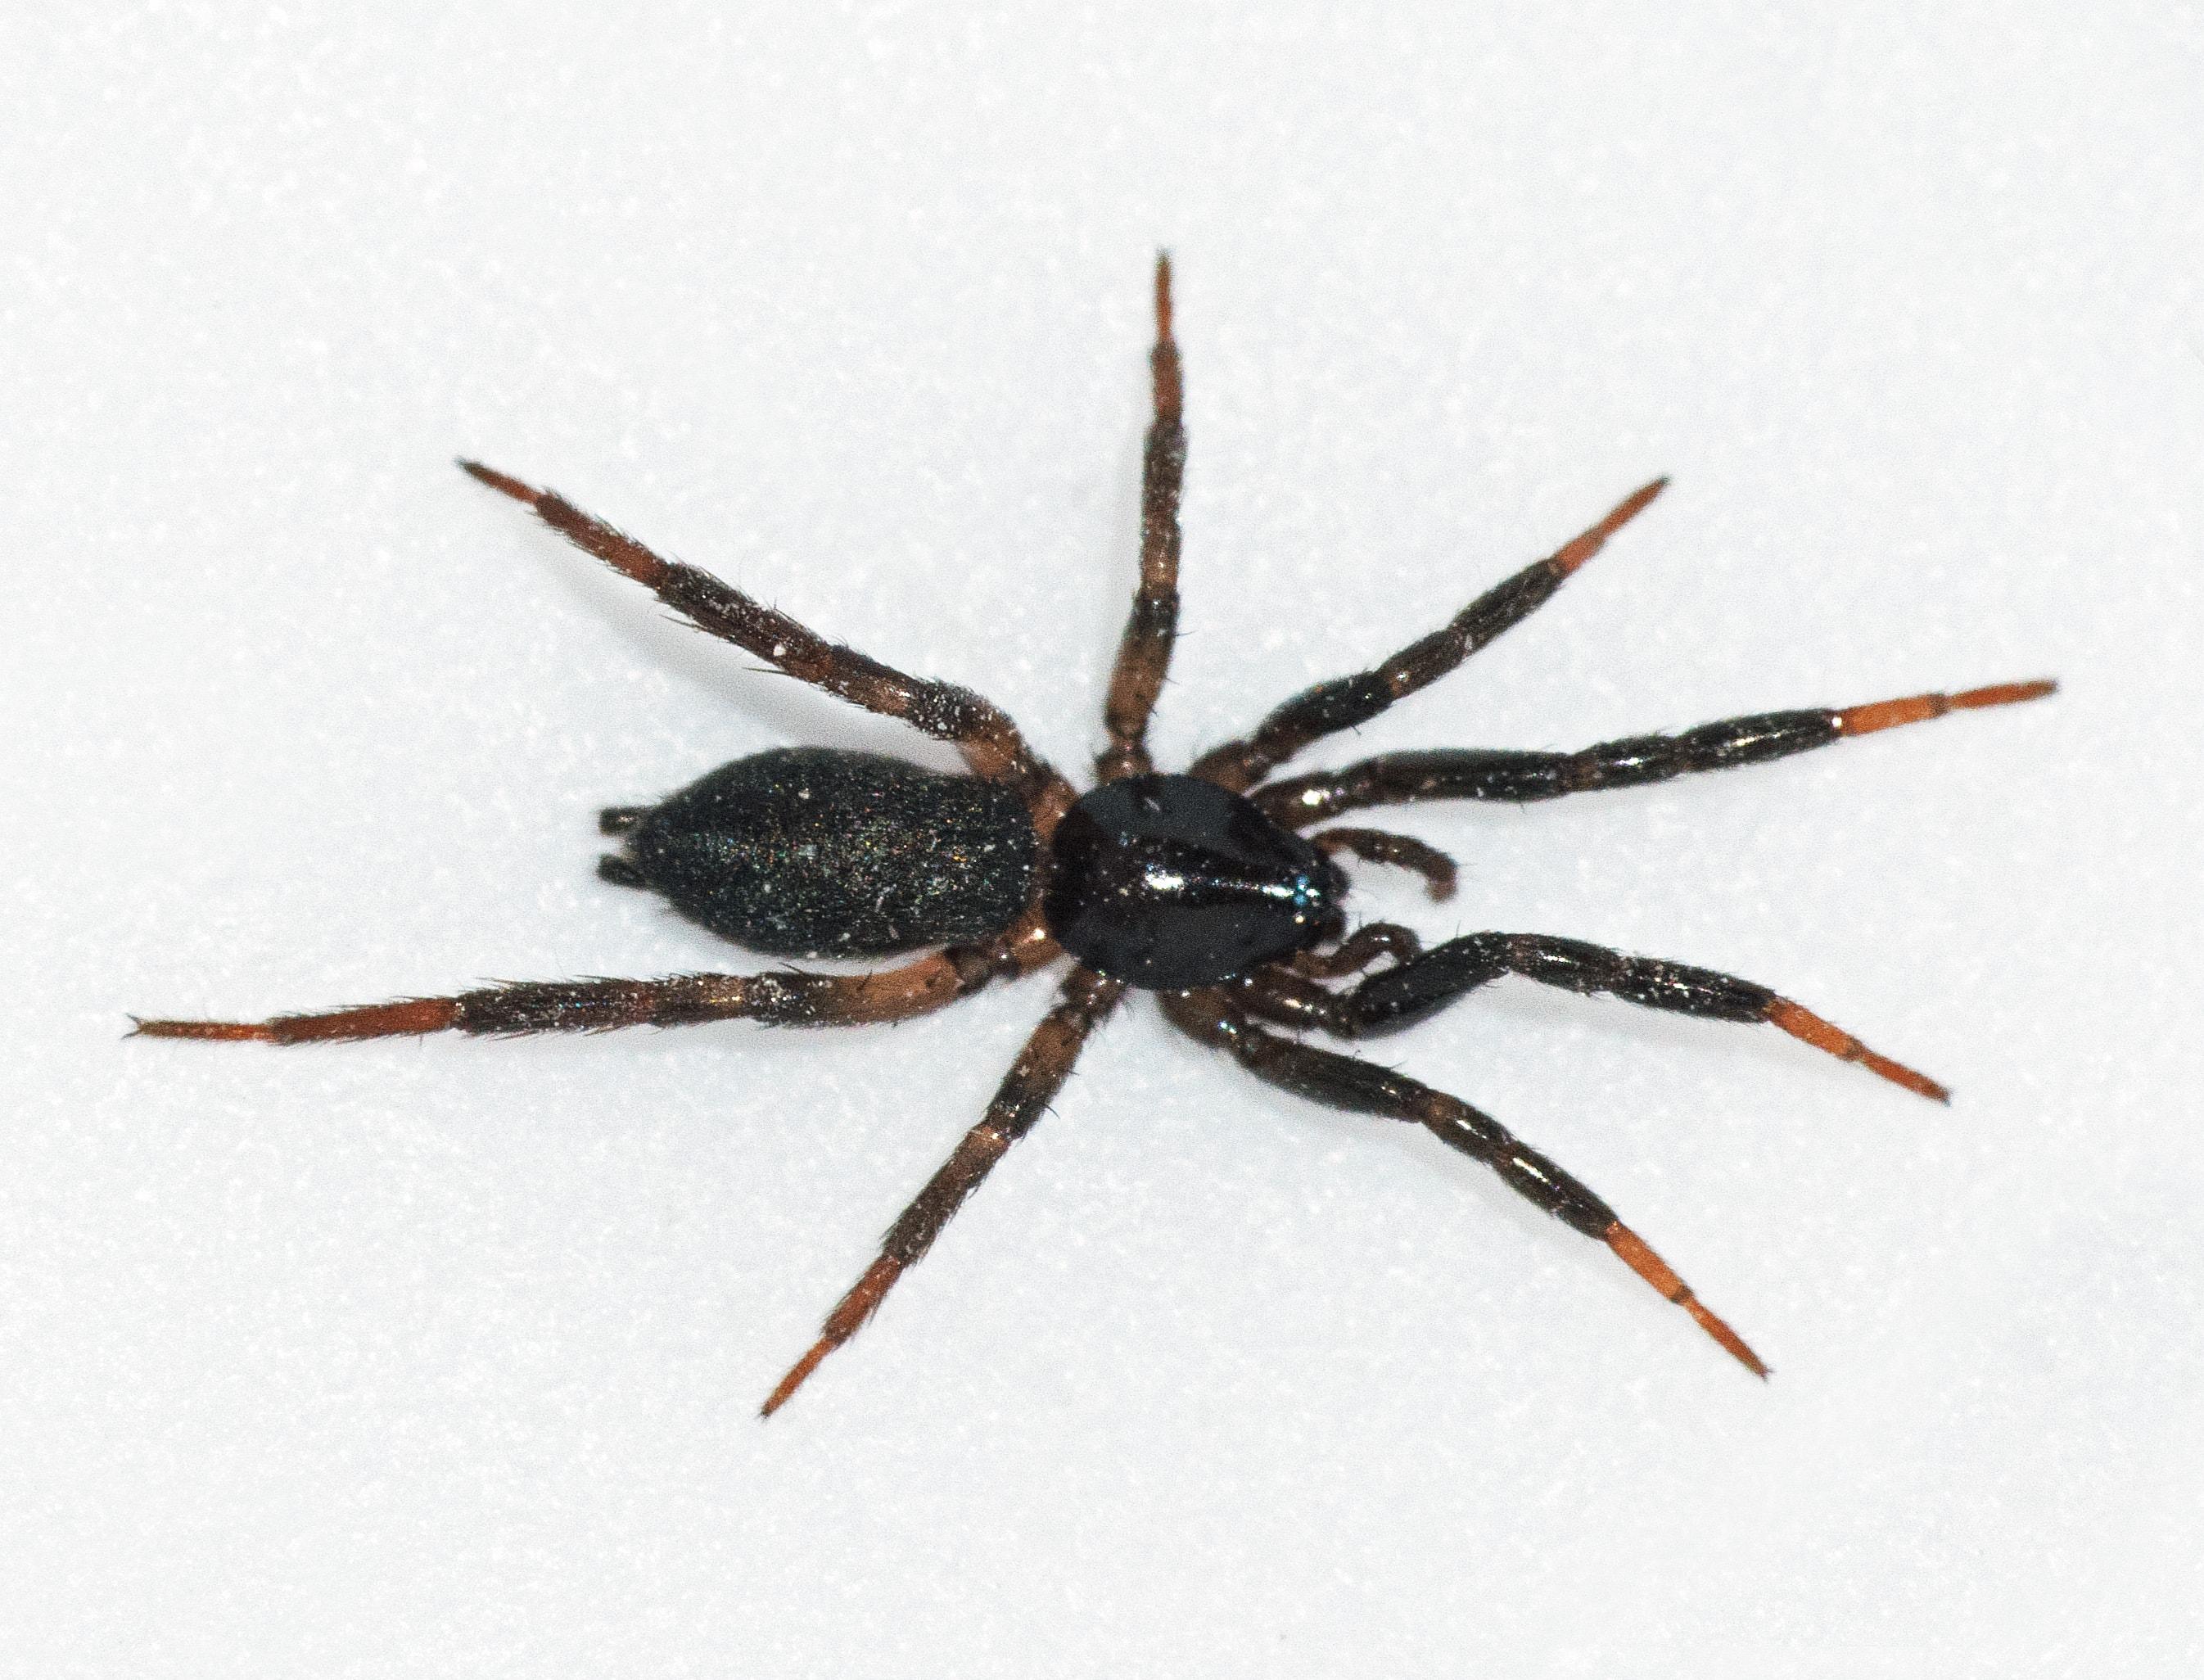 Picture of Drassyllus depressus - Female - Dorsal